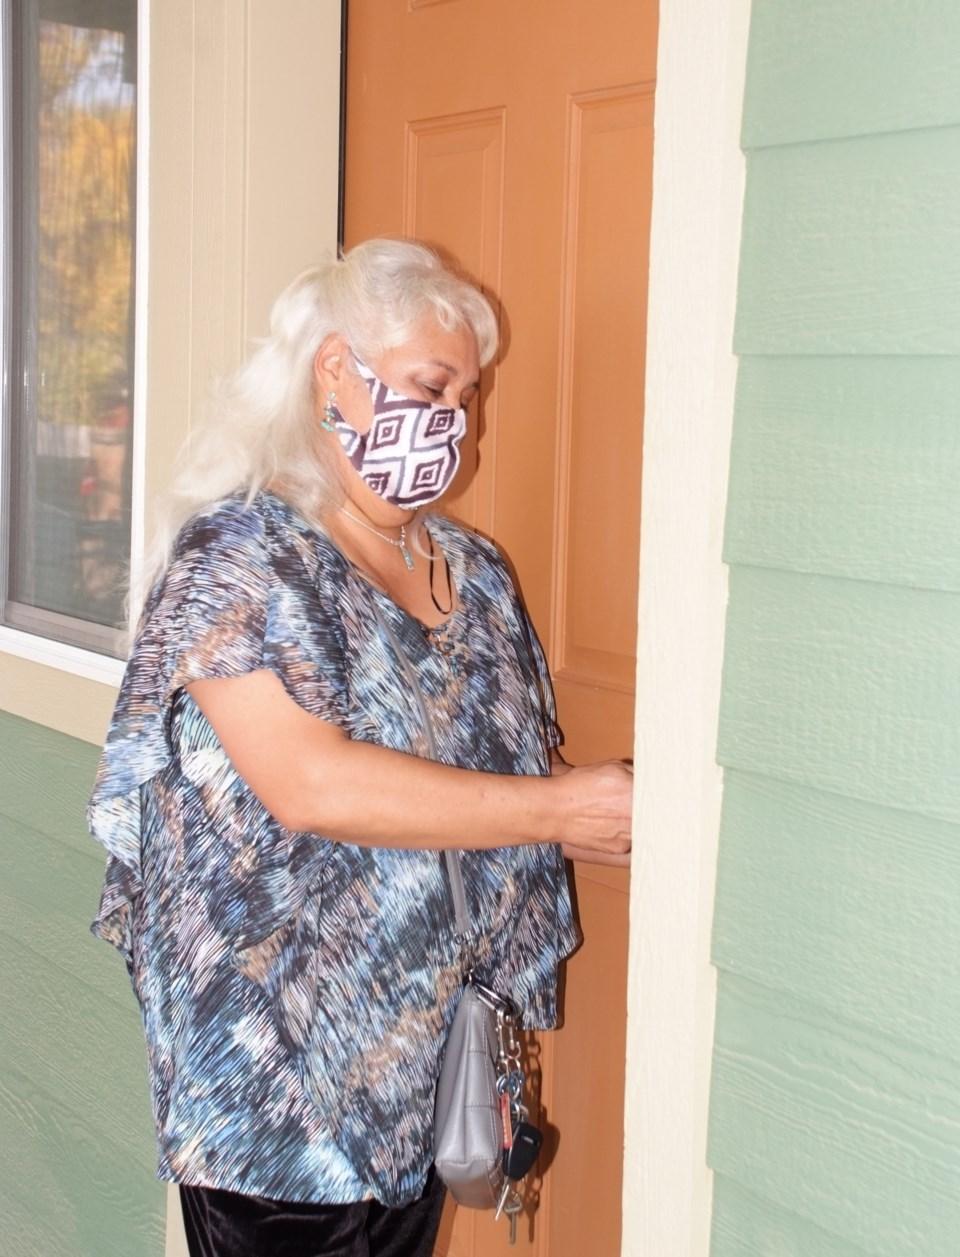 Ana Murango opens door to her first home.